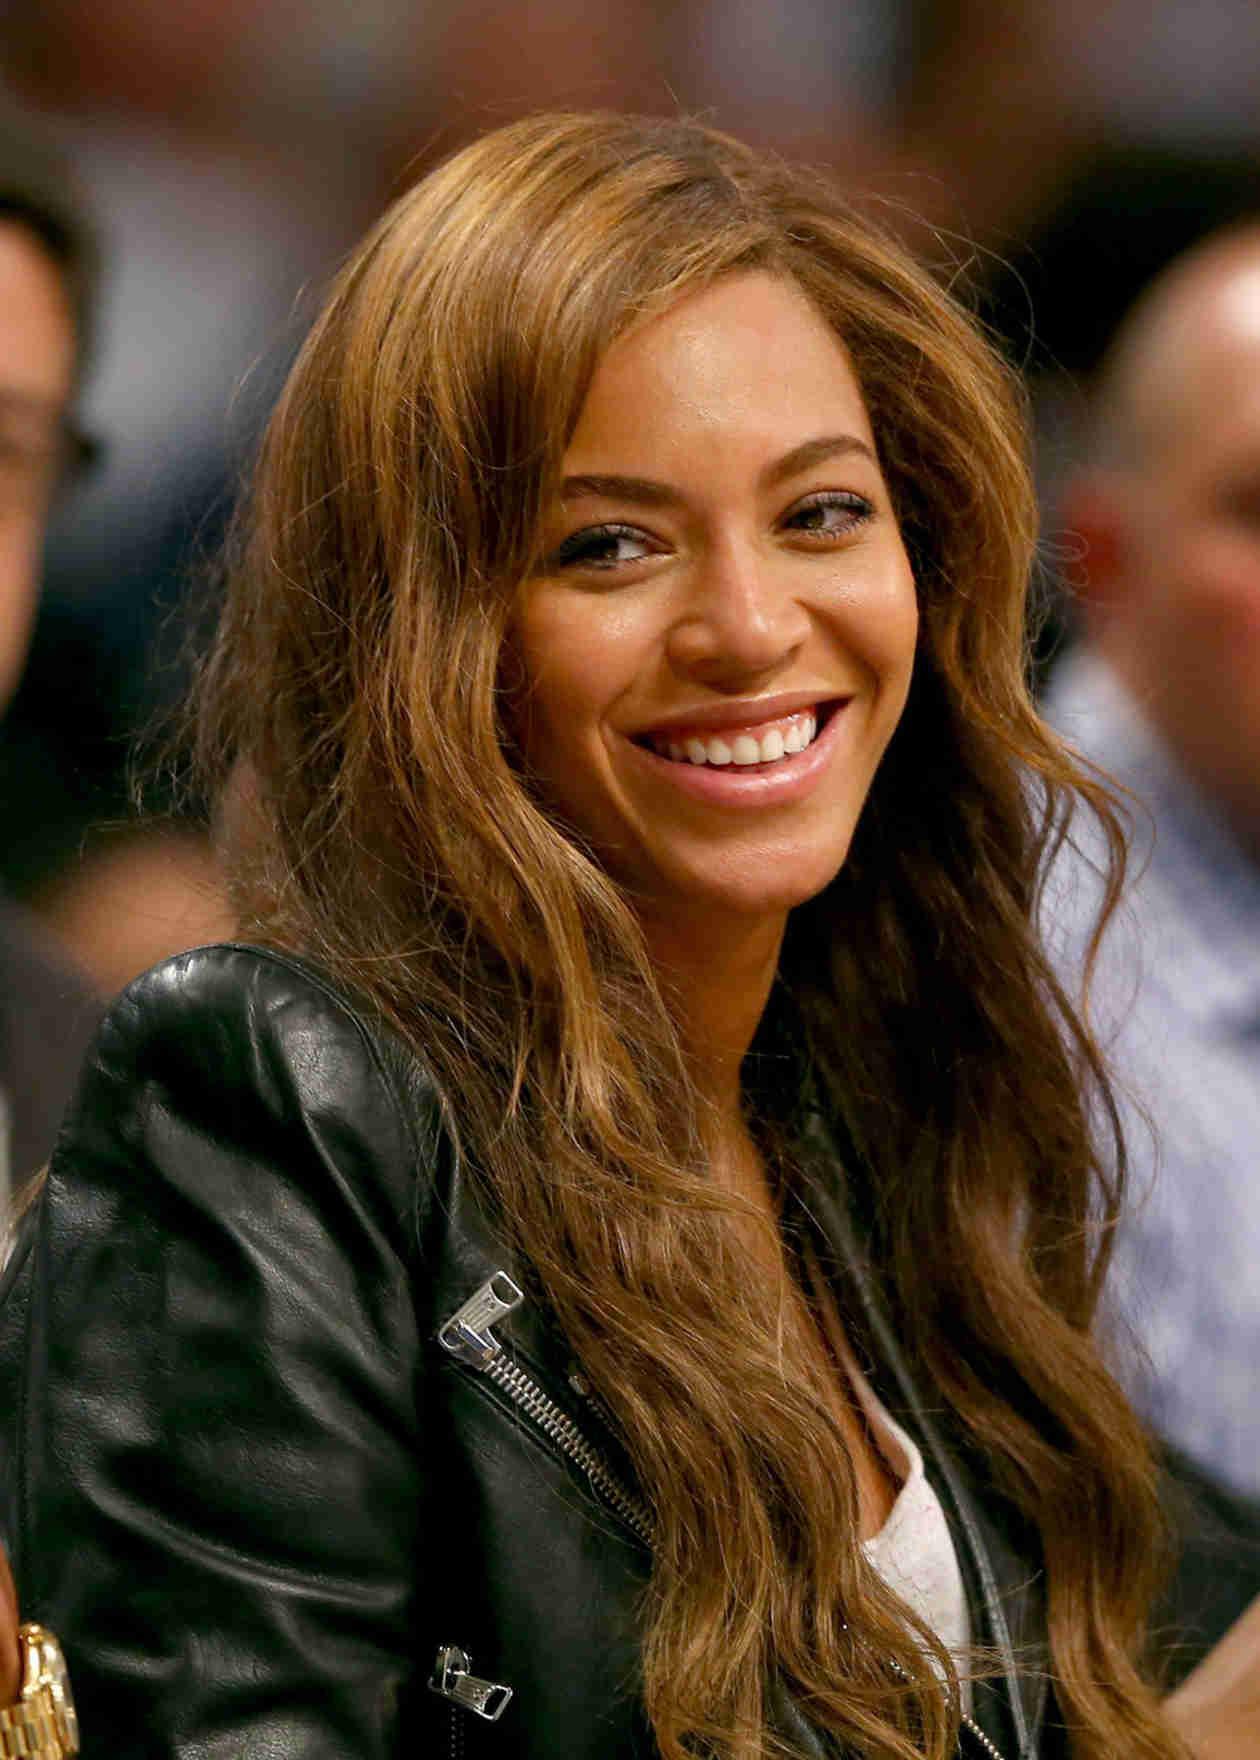 Beyoncé Shows Off Underboob in a Loose Crop Top (PHOTOS)